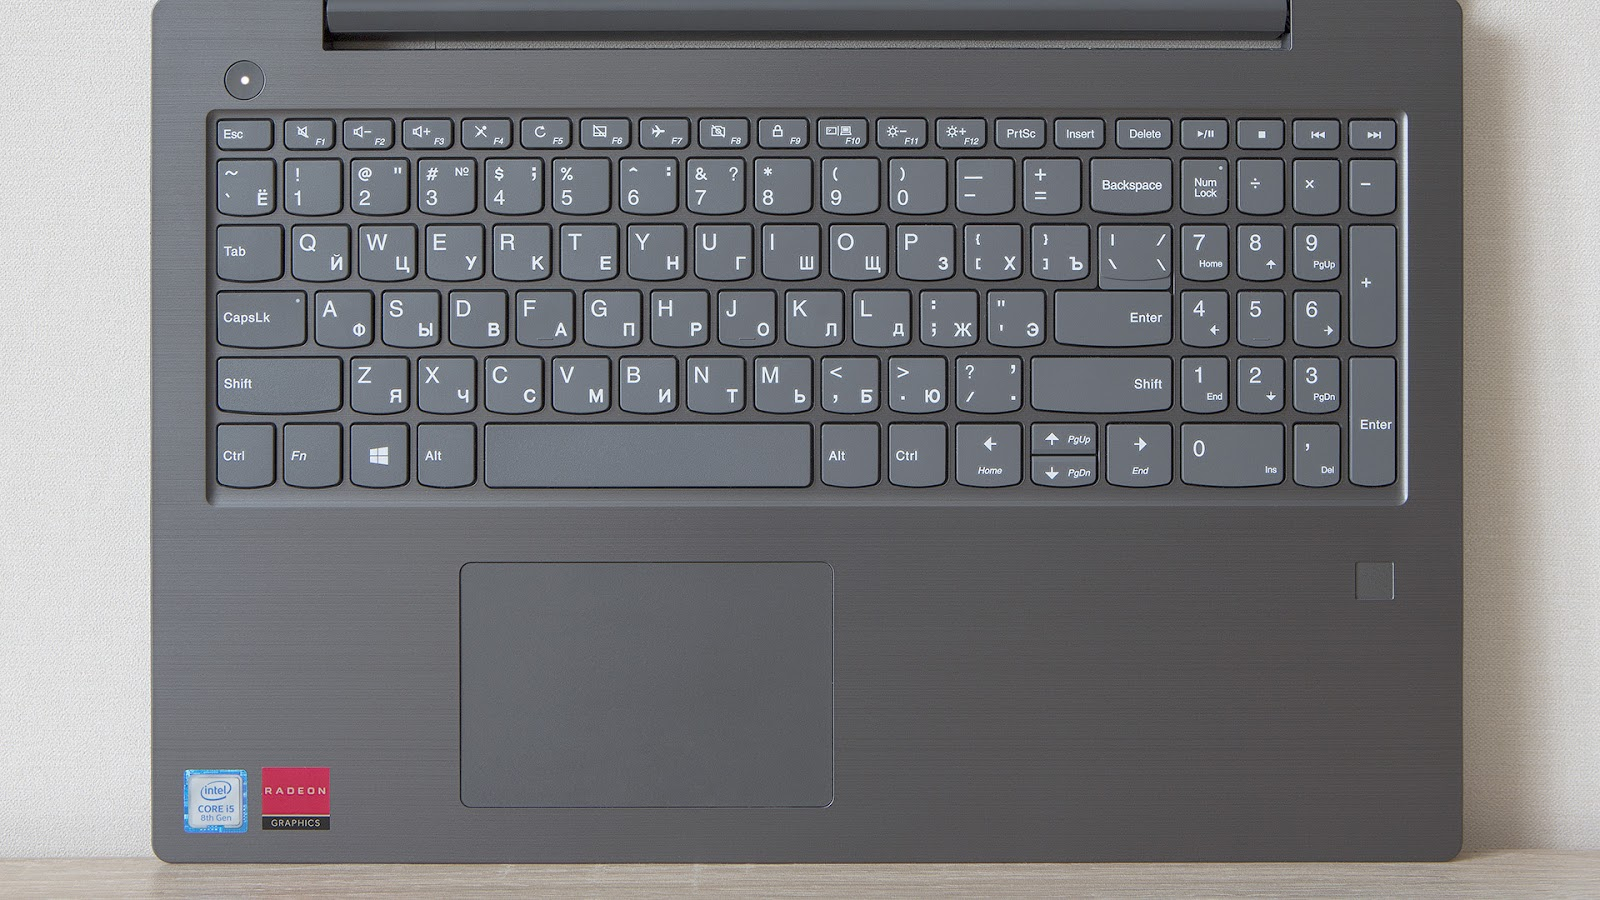 Обзор ноутбука Lenovo V330-15: надёжный офисный трудяга - 17